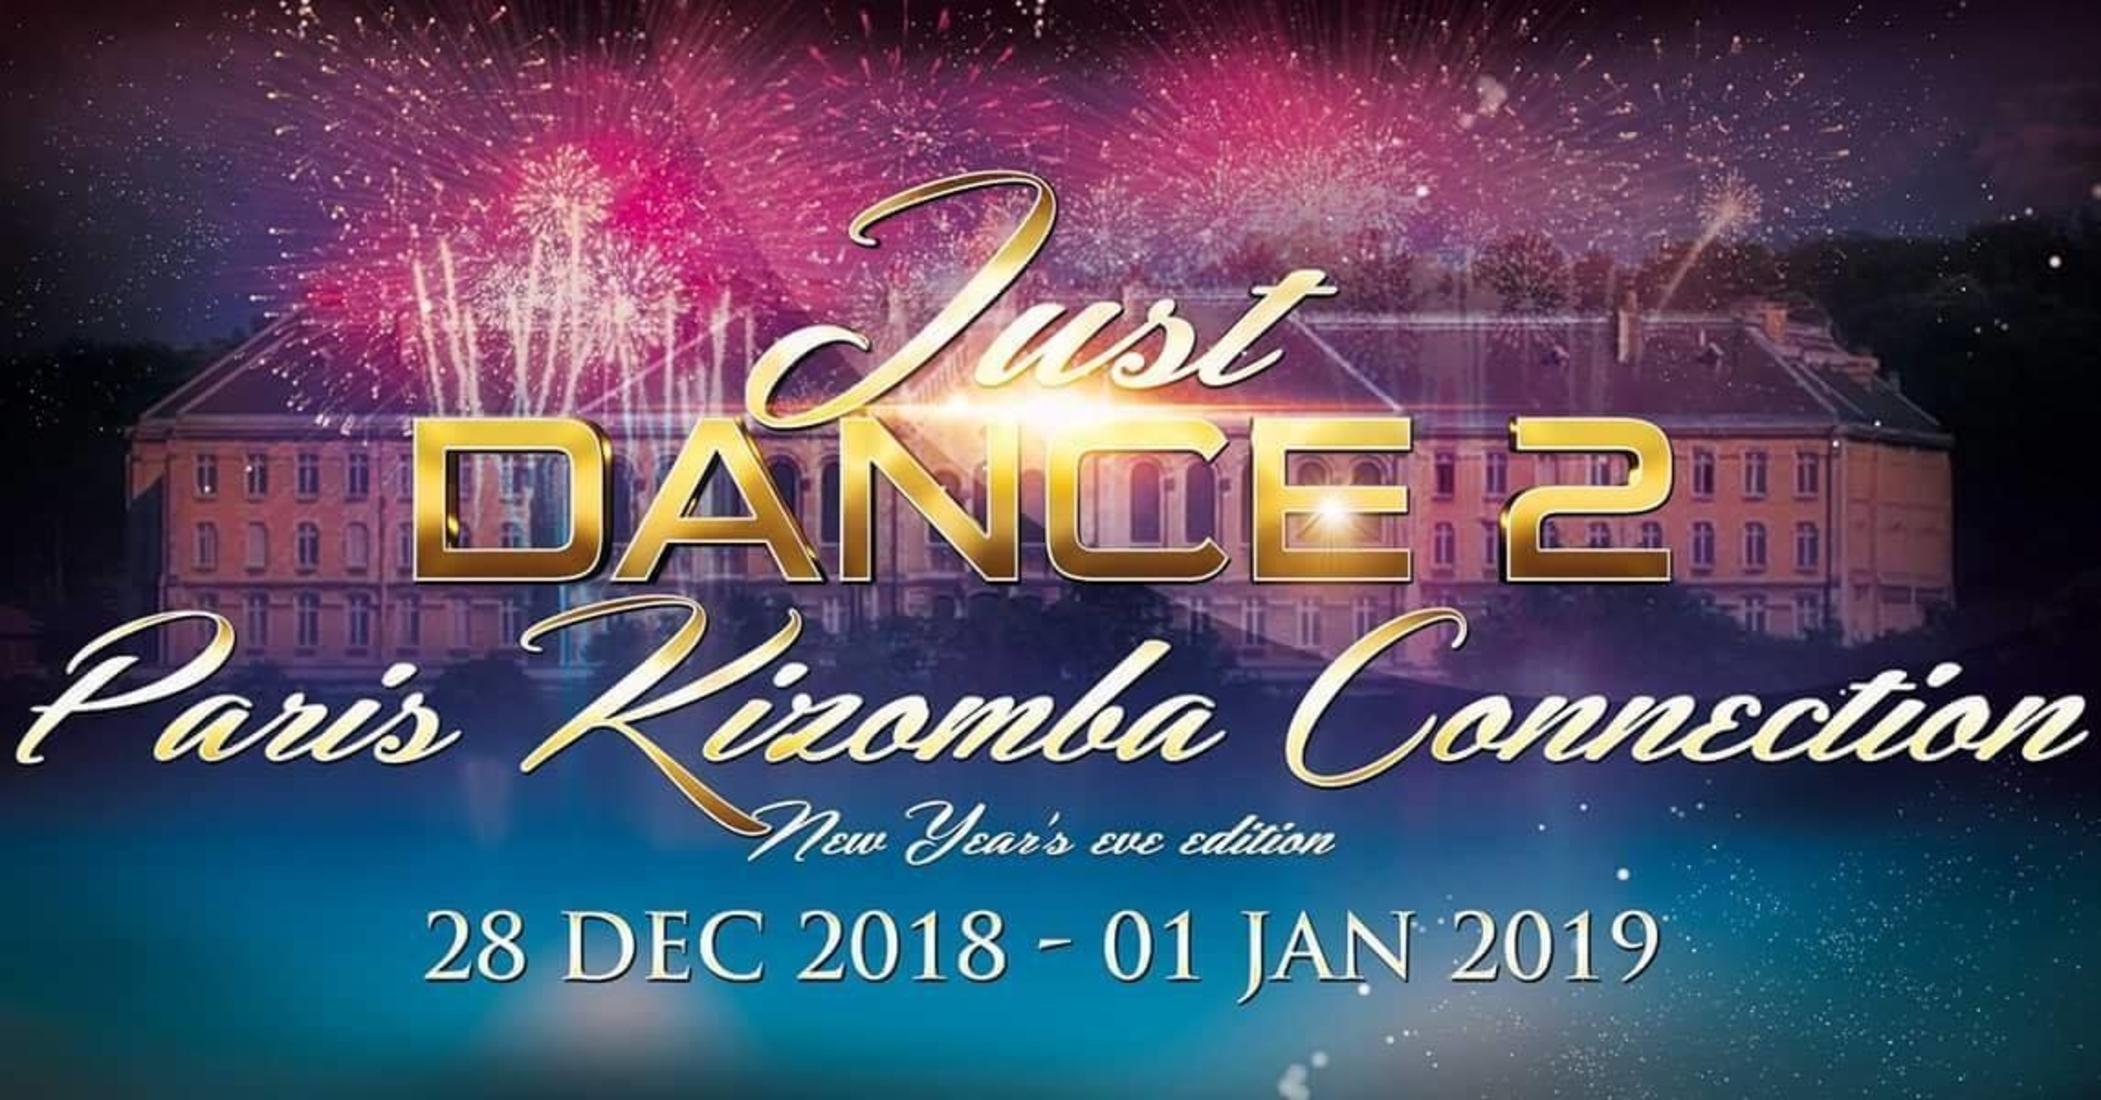 Paris Kizomba Connection Just Dance 2 - Festivalsero